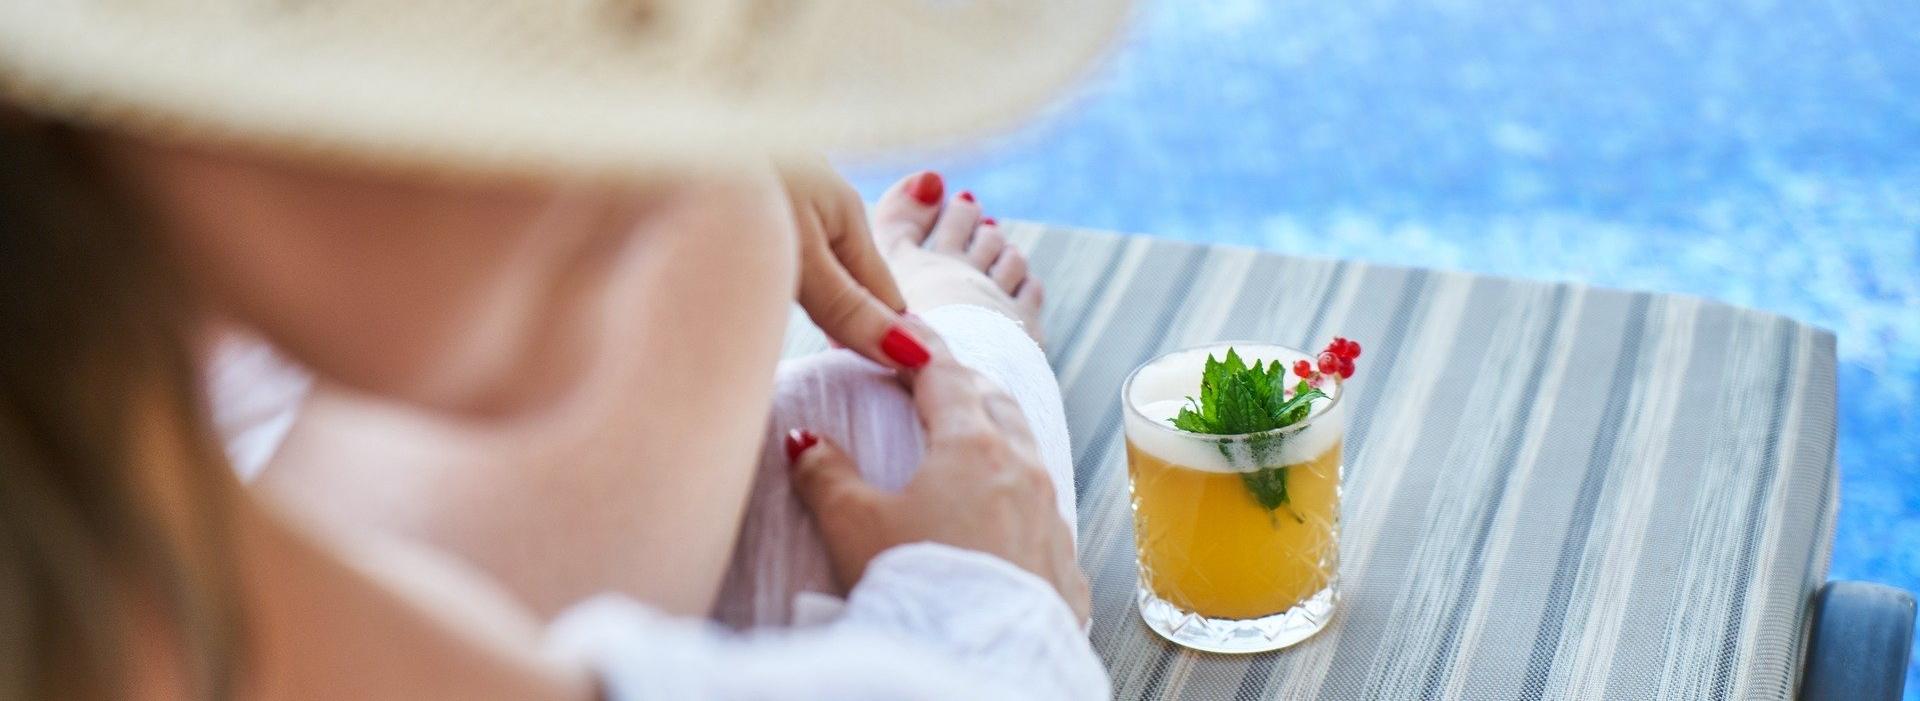 Žena relaxuje se skleničkou